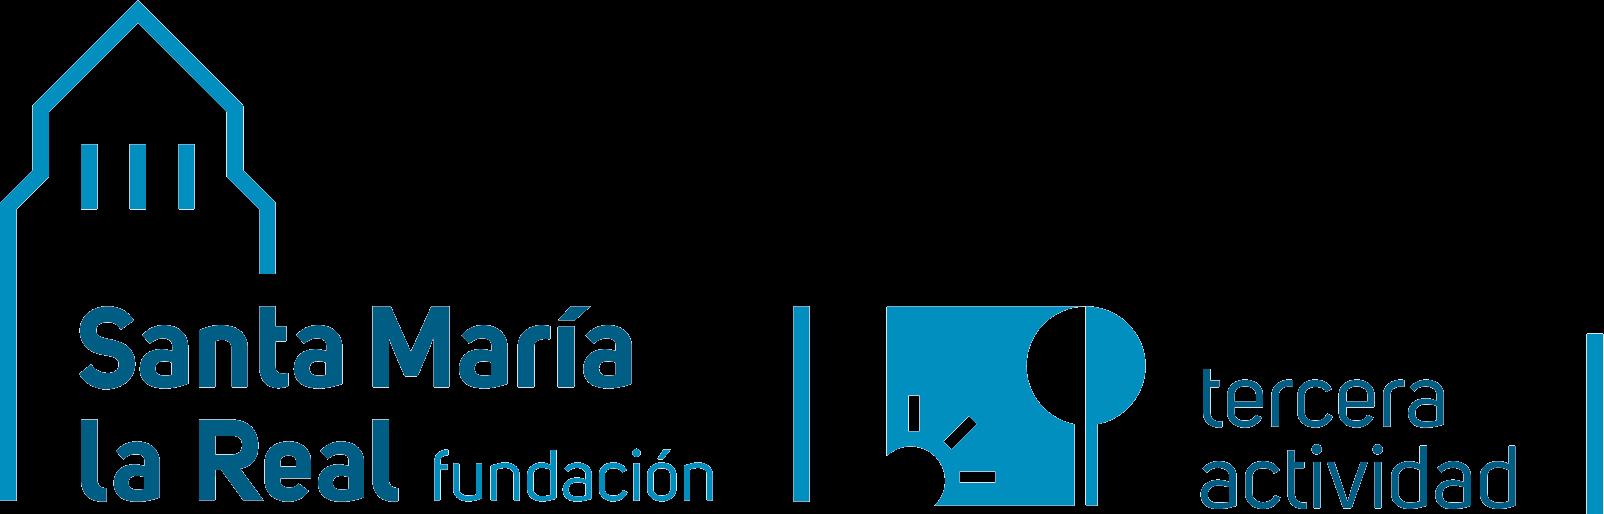 Tercera Actividad – Nuestro mayor cuidado – Residencias en Aguilar de Campoo y León